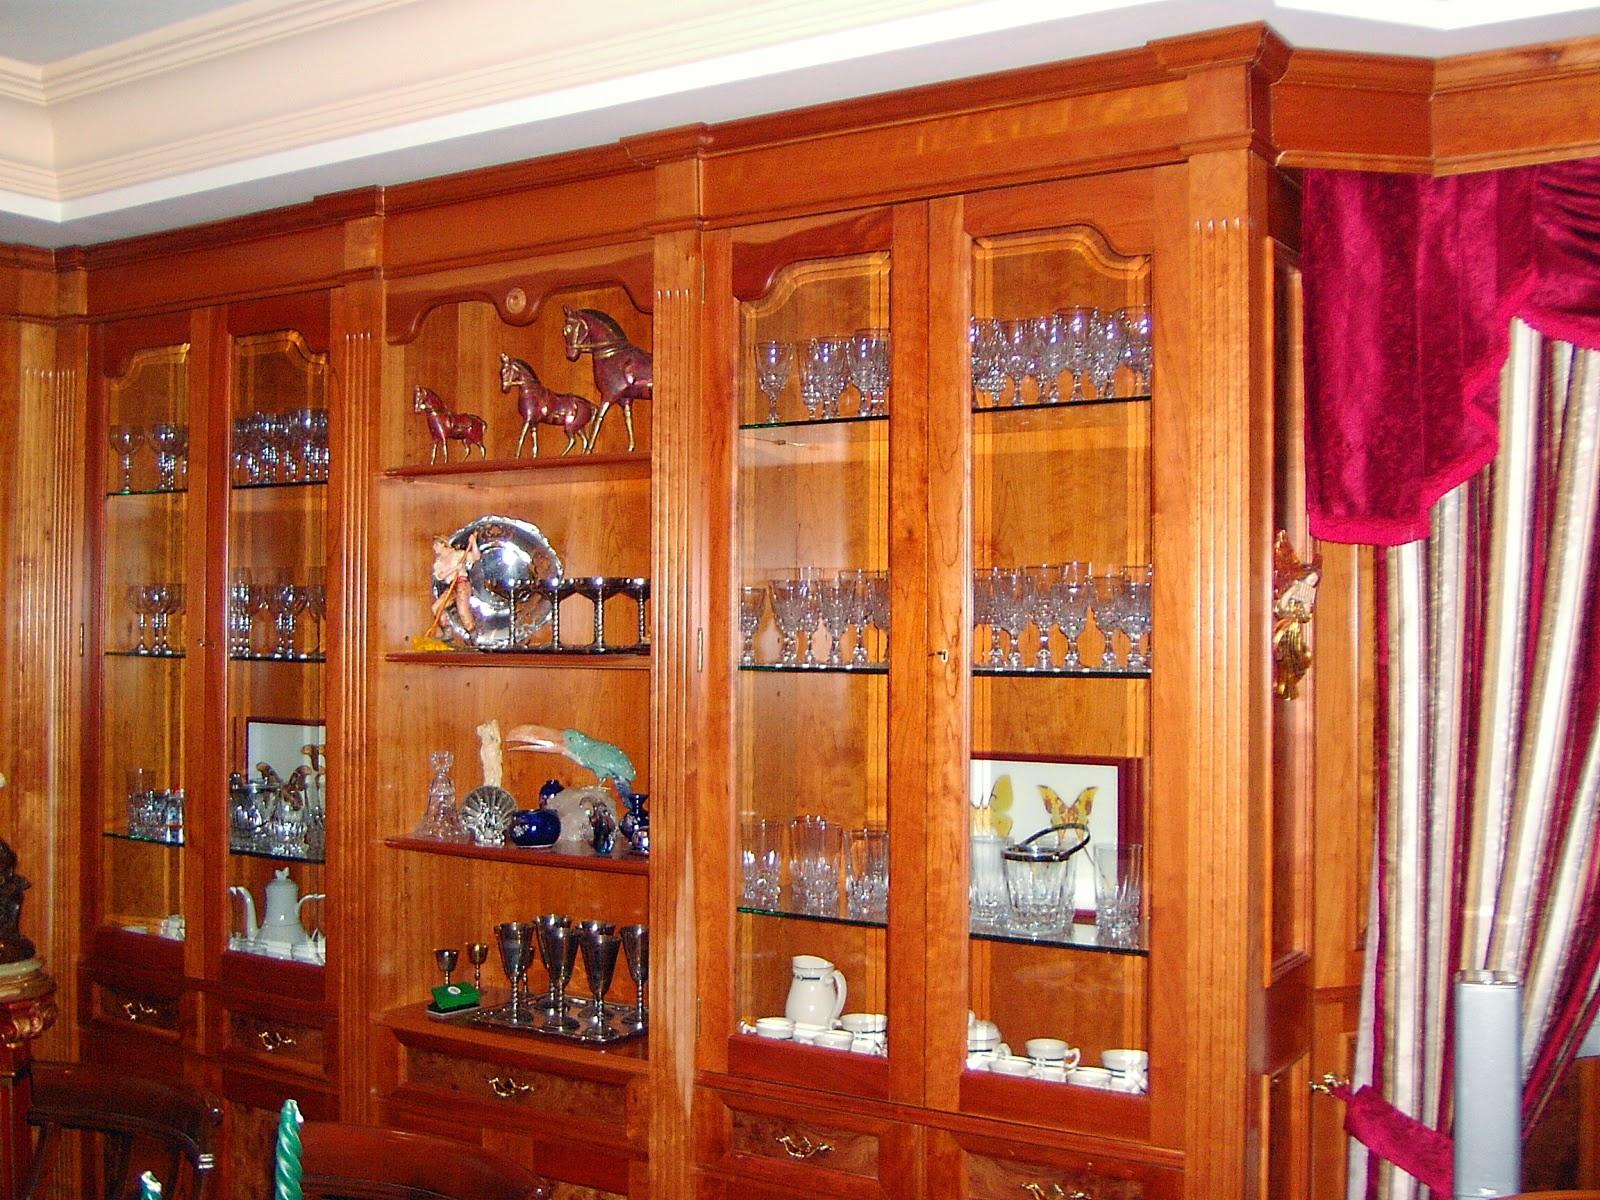 Muebles boiserie obtenga ideas dise o de muebles para su for Wallapop madrid muebles